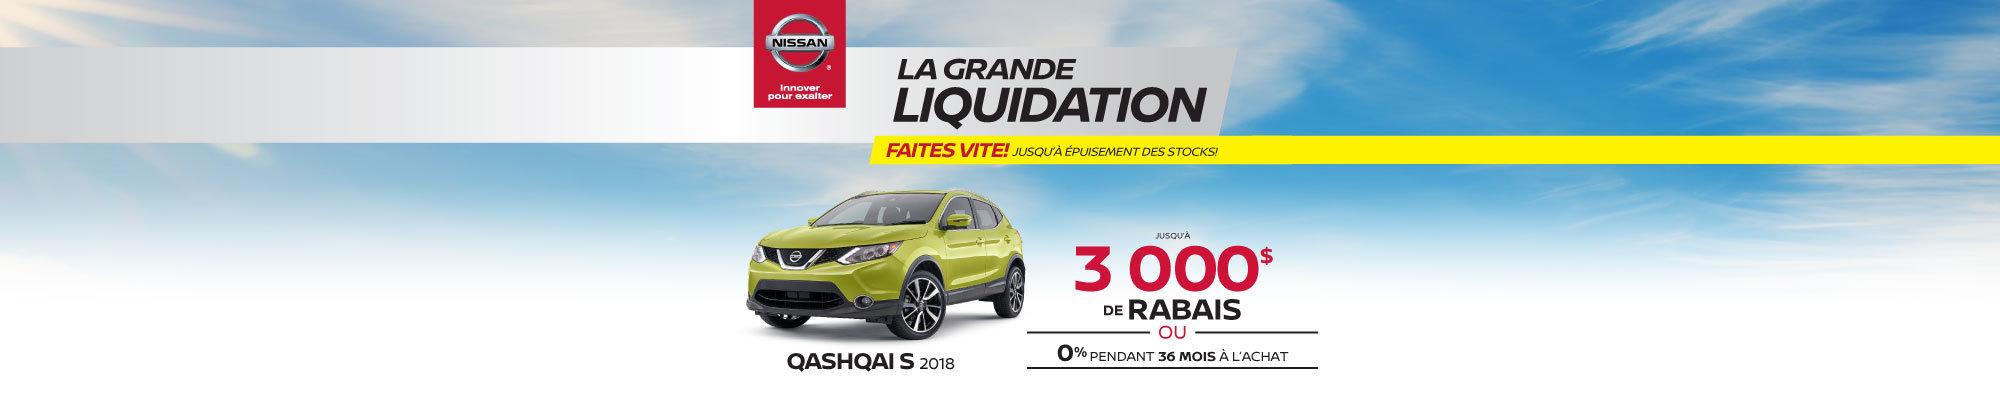 Qashqai S 2018 web